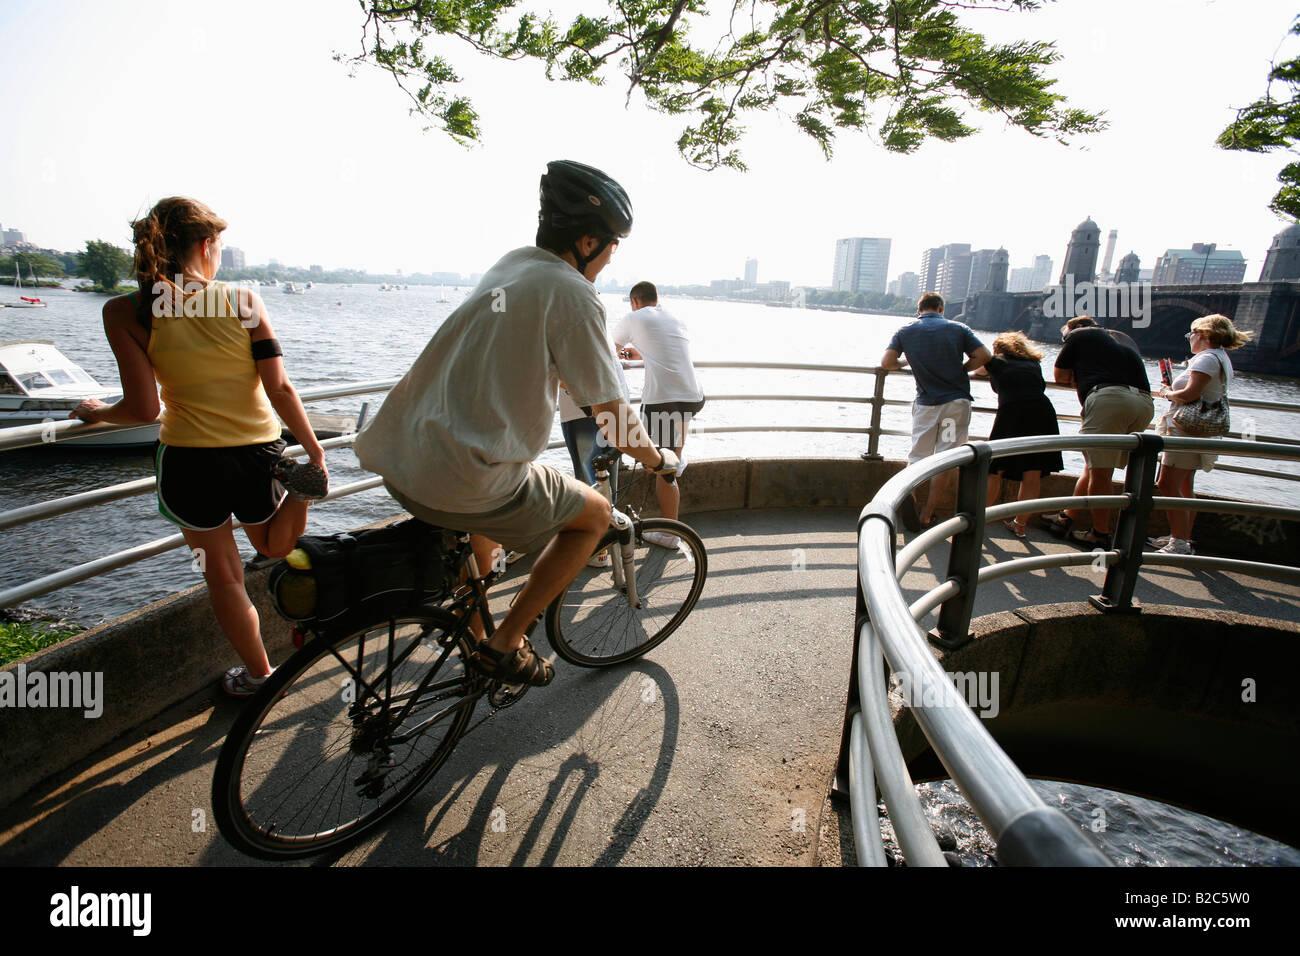 Un coureur cycliste et piétons sont vus sur une passerelle sur les bords de la Charles River à Boston Photo Stock